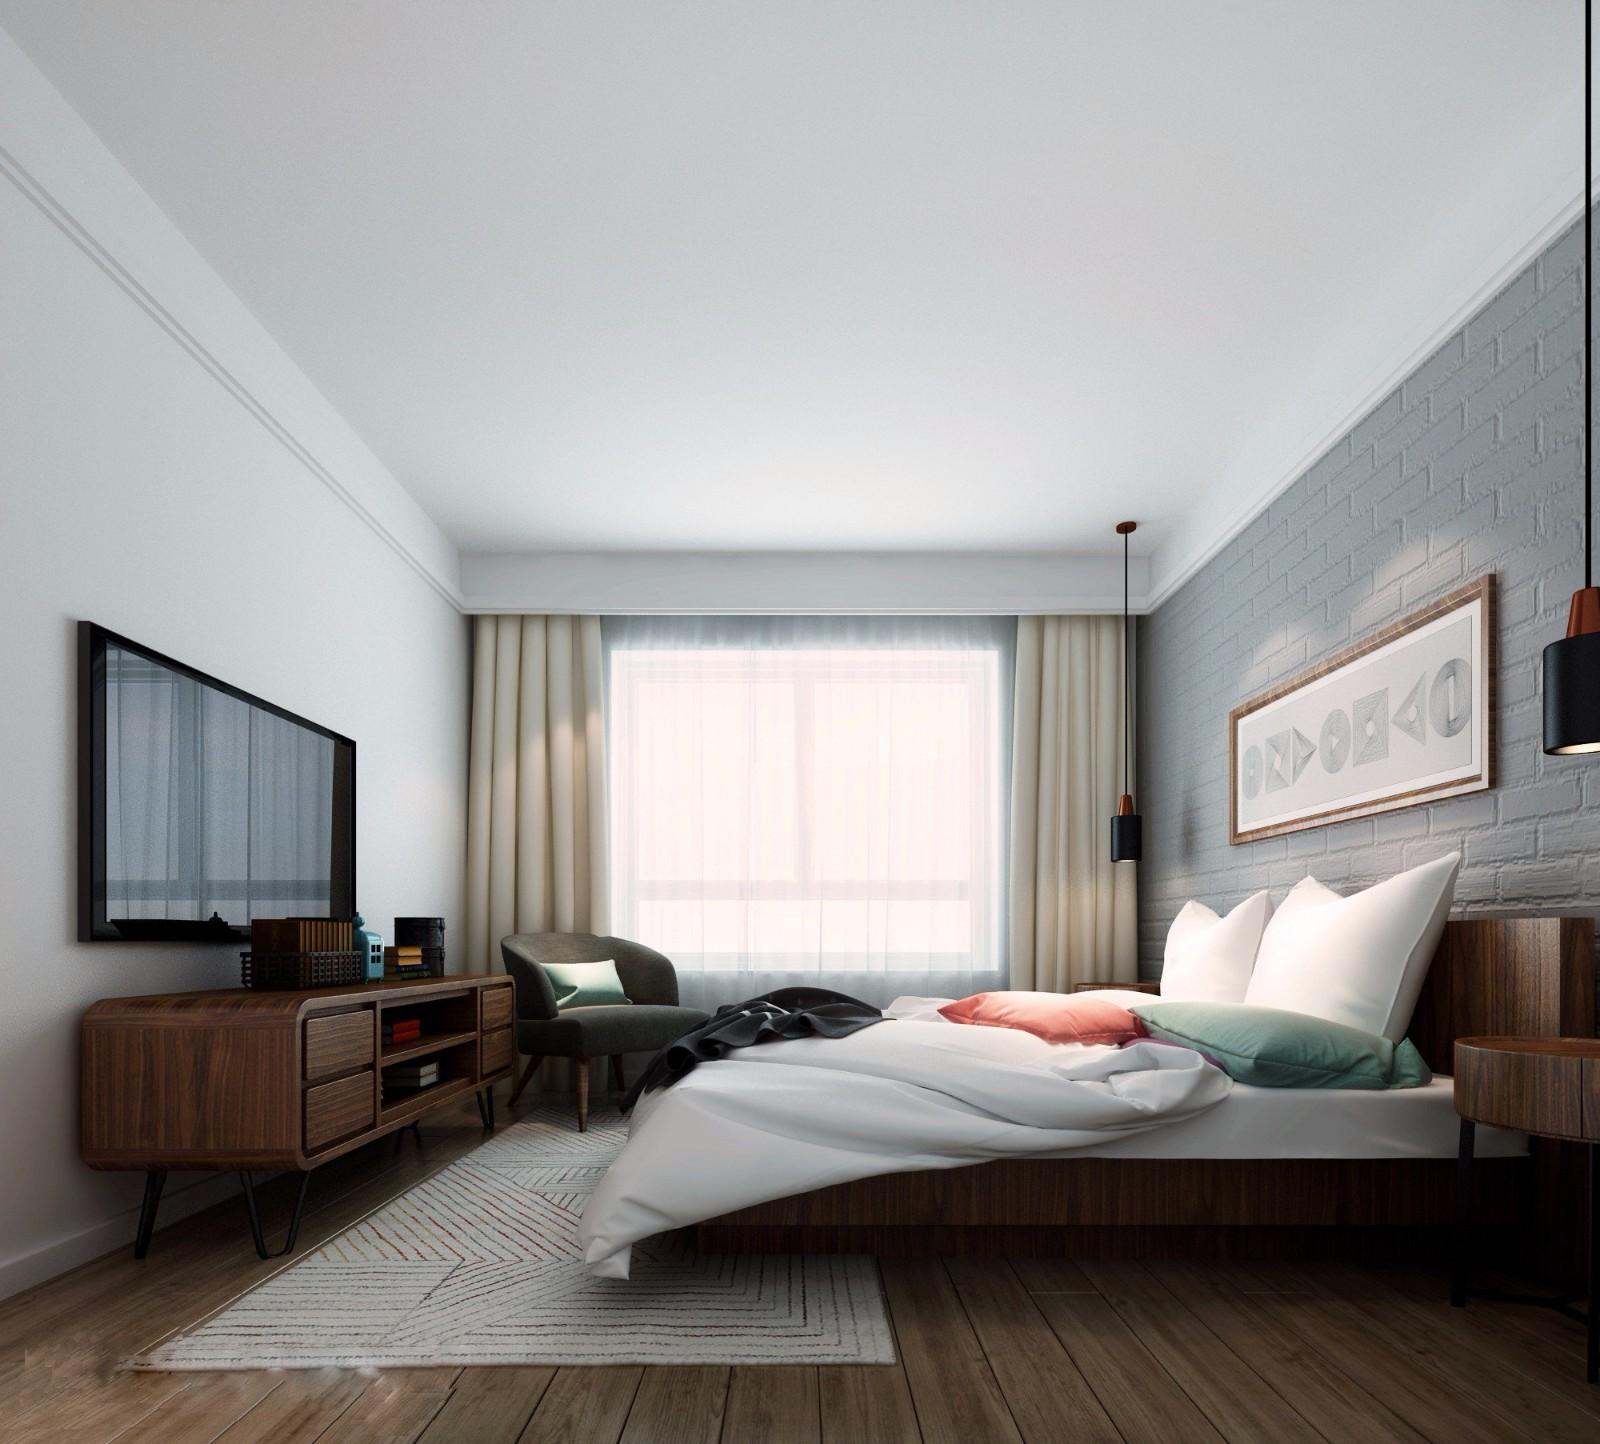 2020北歐臥室裝修設計圖片 2020北歐電視柜效果圖